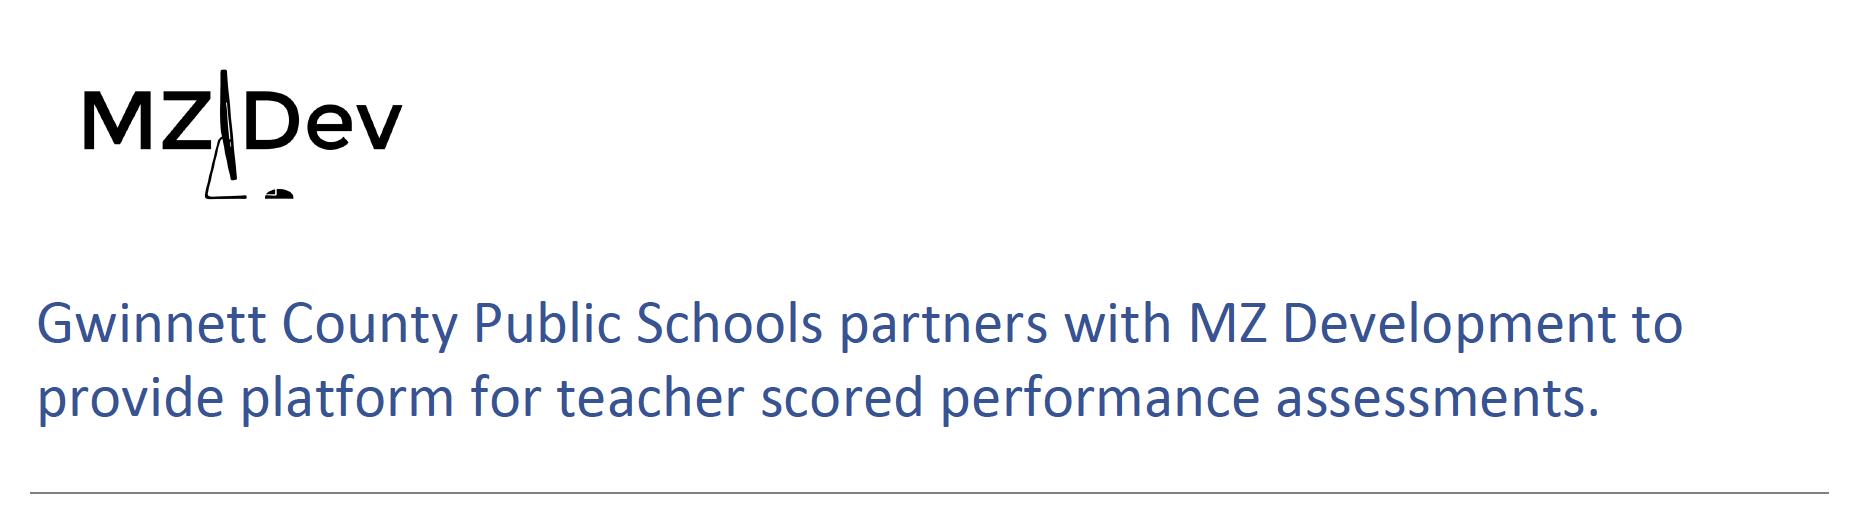 MZ Development & Gwinnett County Public Schools Press Release - MZDev